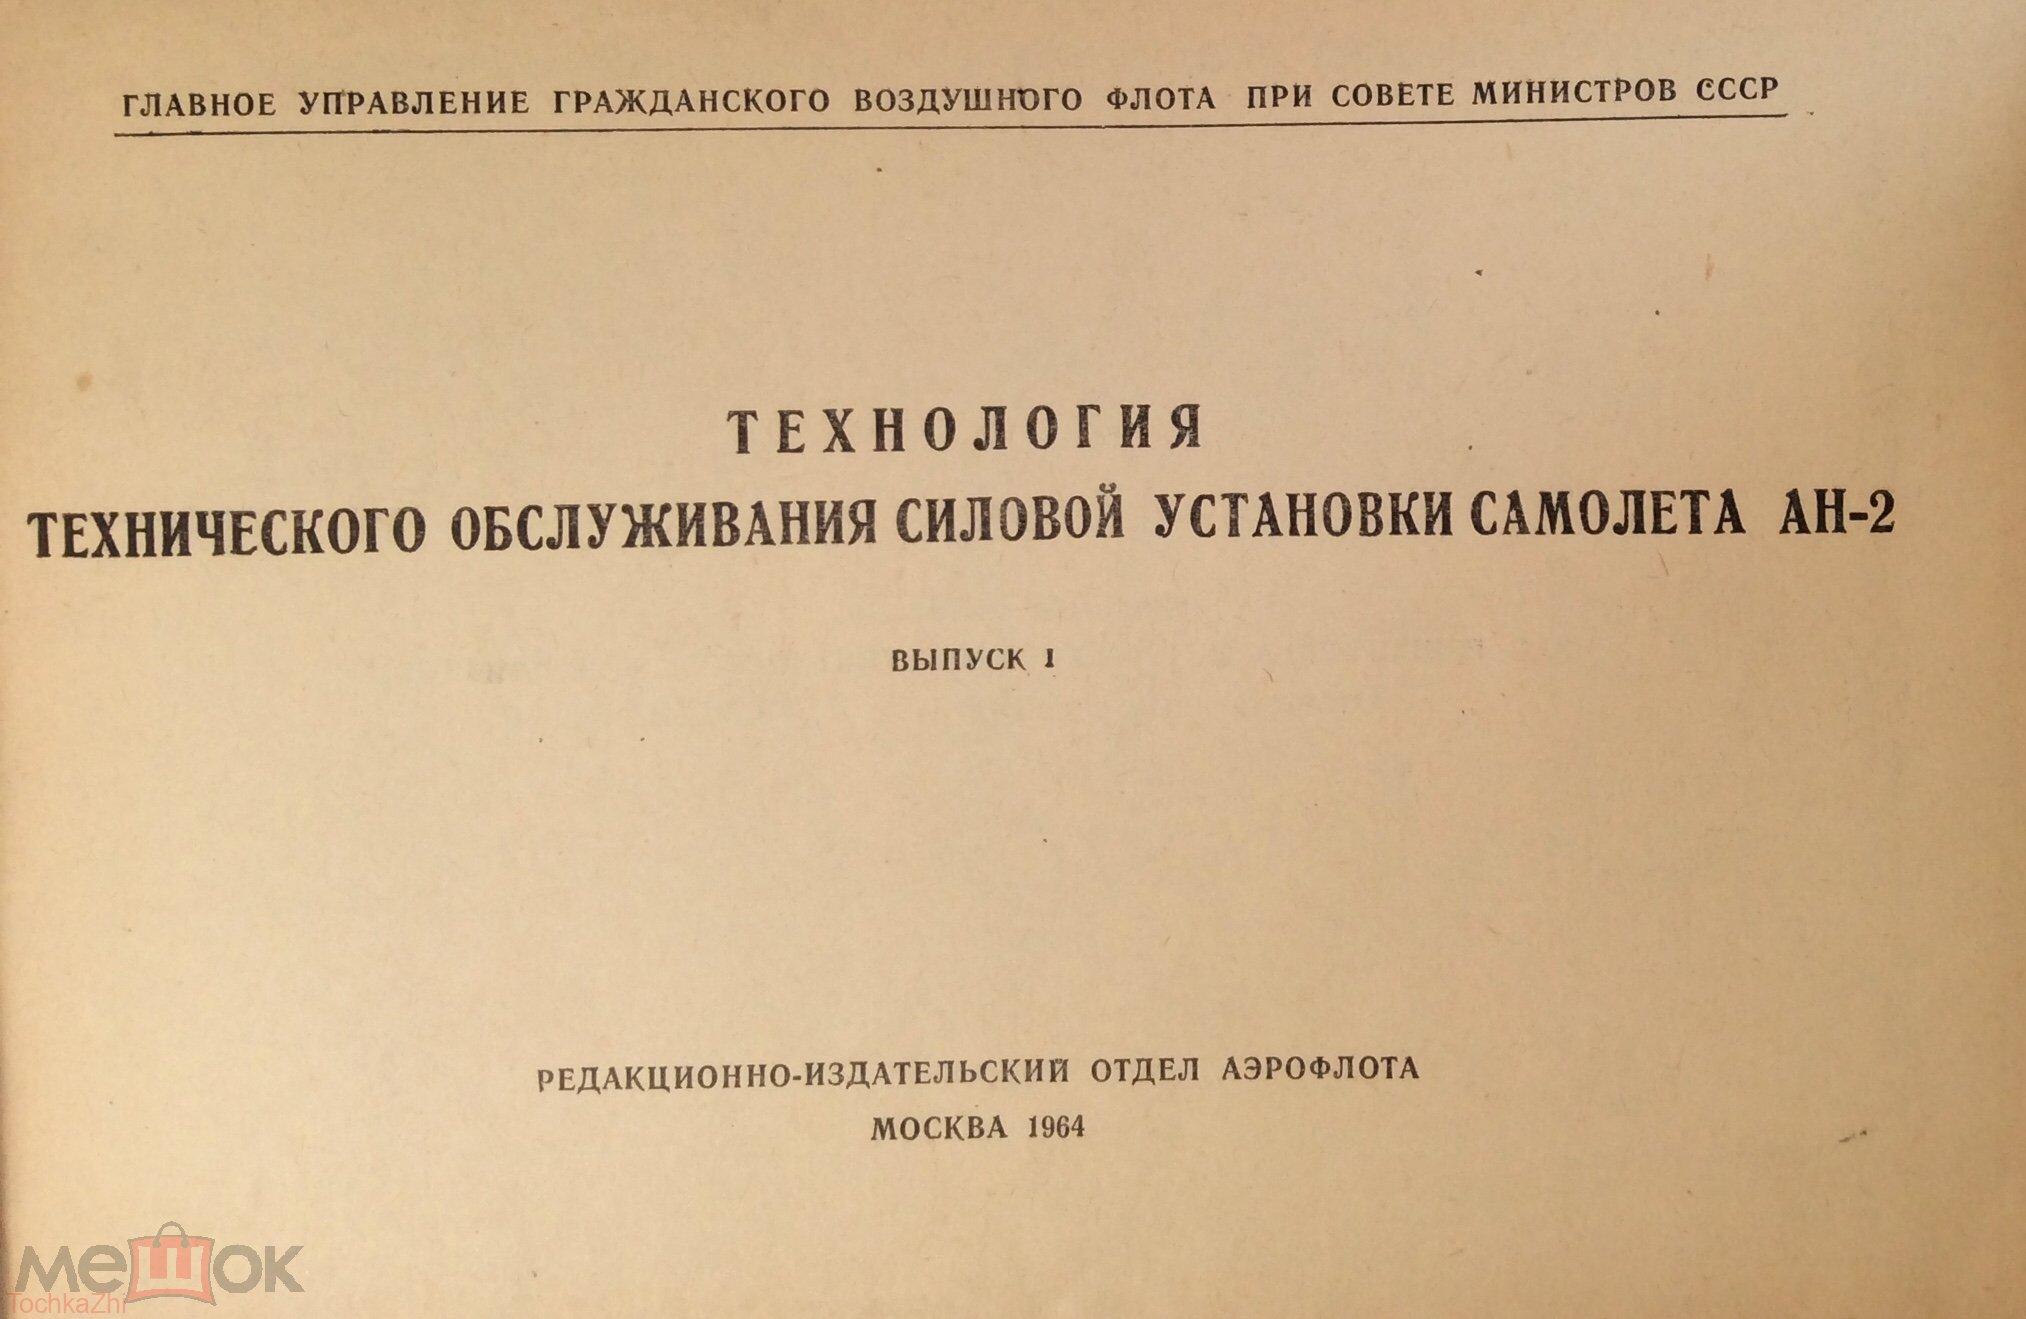 Технология технического обслуживания силовой установки самолета АН-2. Выпуск 1.